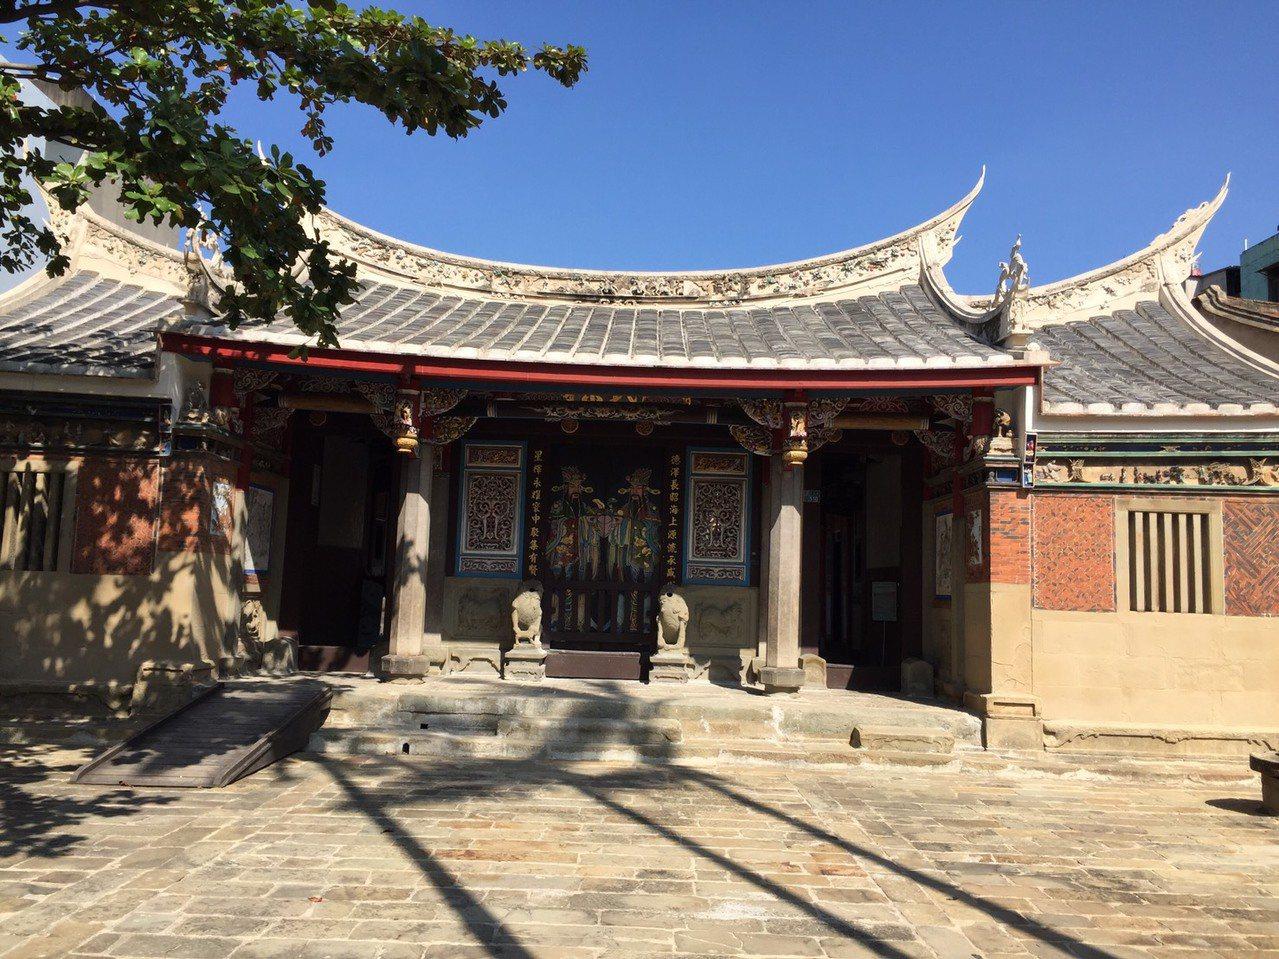 陳氏宗祠是縣定古蹟,為台灣僅存的五所磚雕建築之一。記者郭政芬/攝影